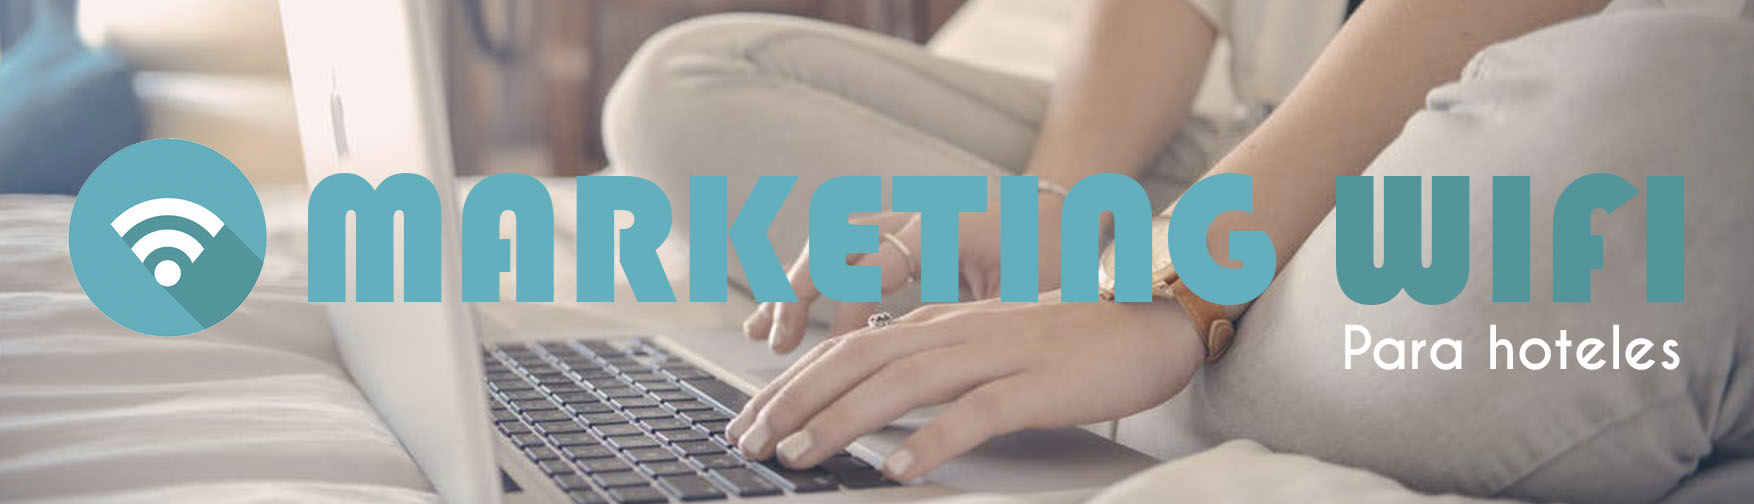 Marketing WIFI en Hoteles, la herramienta que lo cambia todo